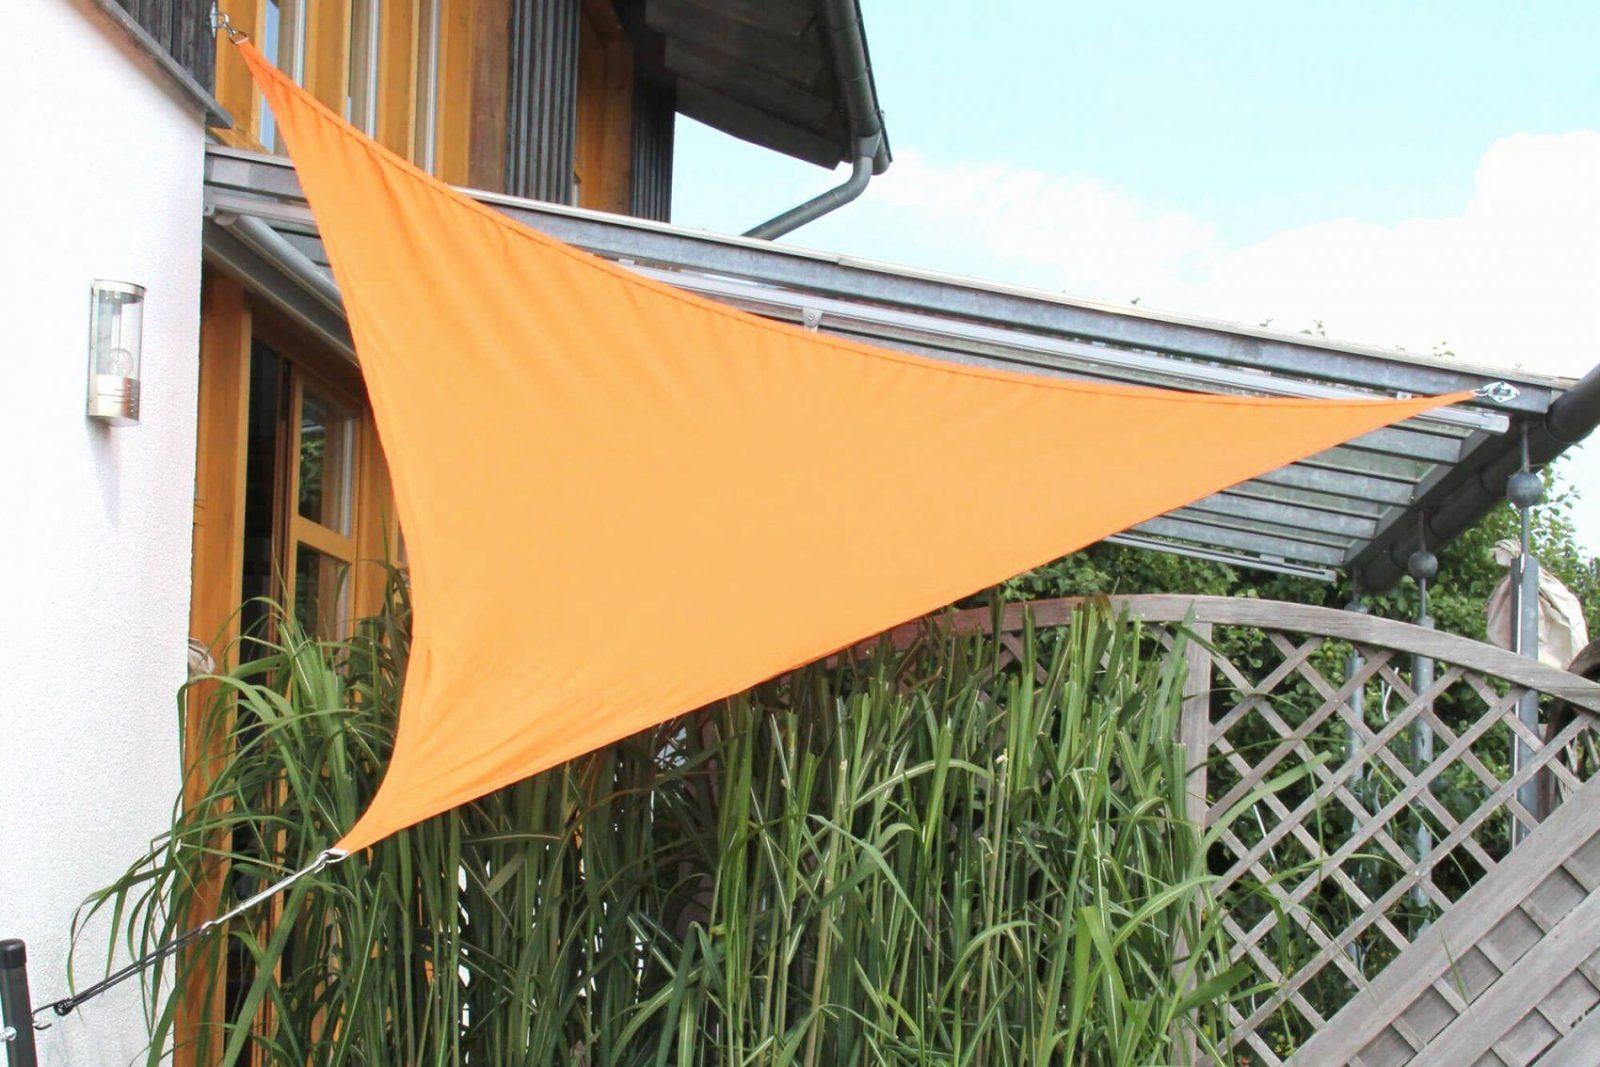 Sonnensegel Balkon Ohne Bohren Schön Lustig Mobel Tipps Mit von Sonnensegel Balkon Ohne Bohren Photo